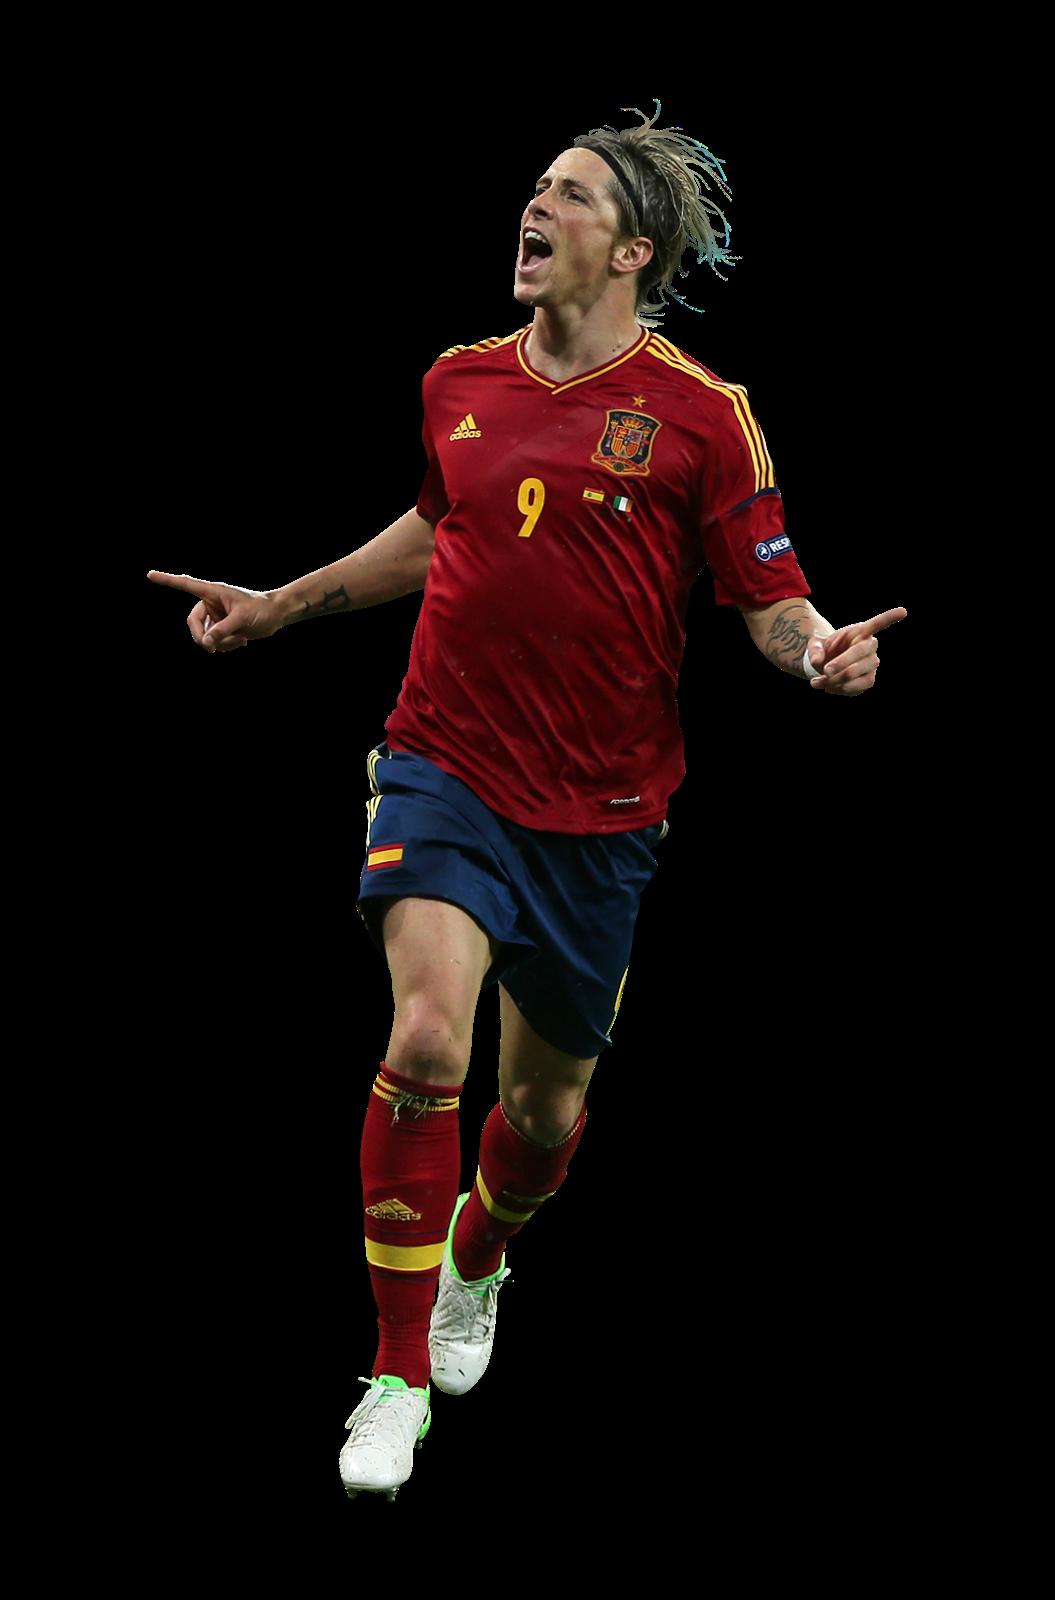 Designer de Boleiro: Fernando Torres - Chelsea / Liverpool ...